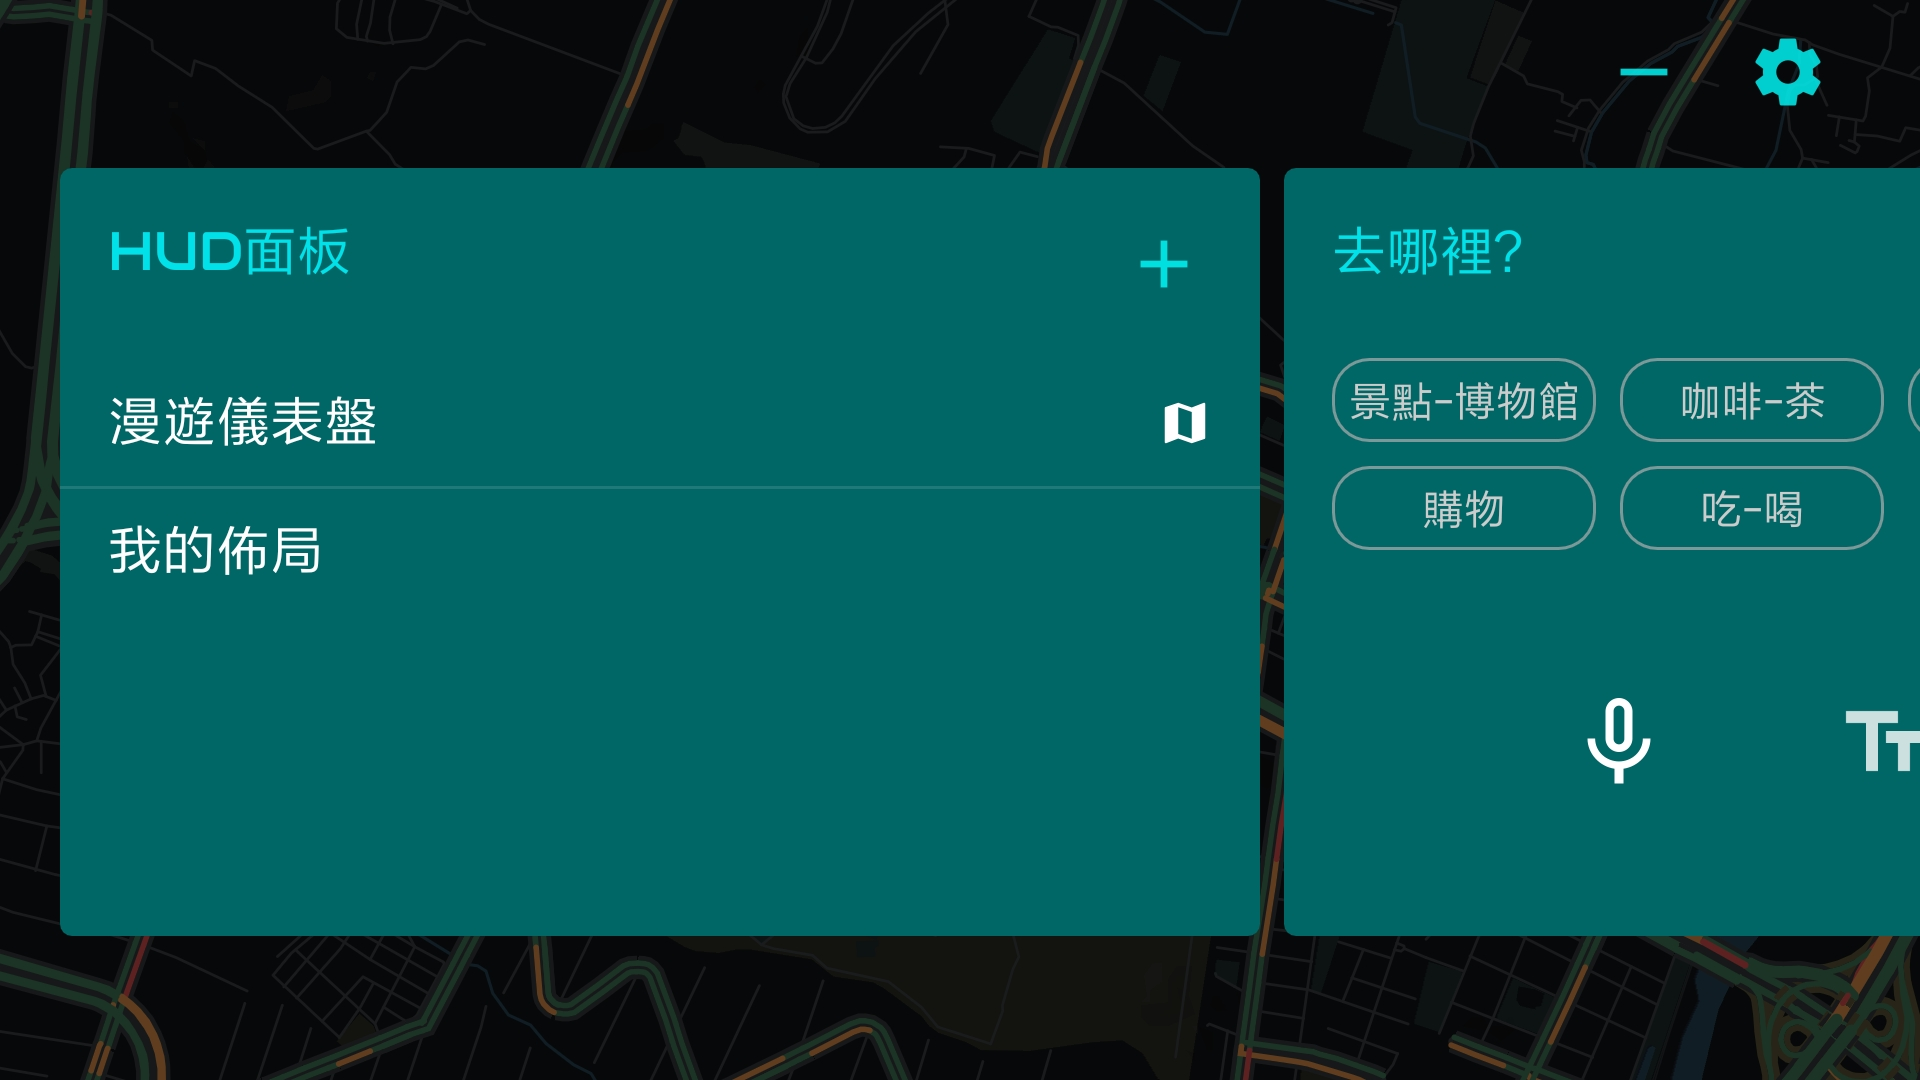 Screenshot_2020-09-21-18-00-18-113_idv.xunqun.navier.jpg